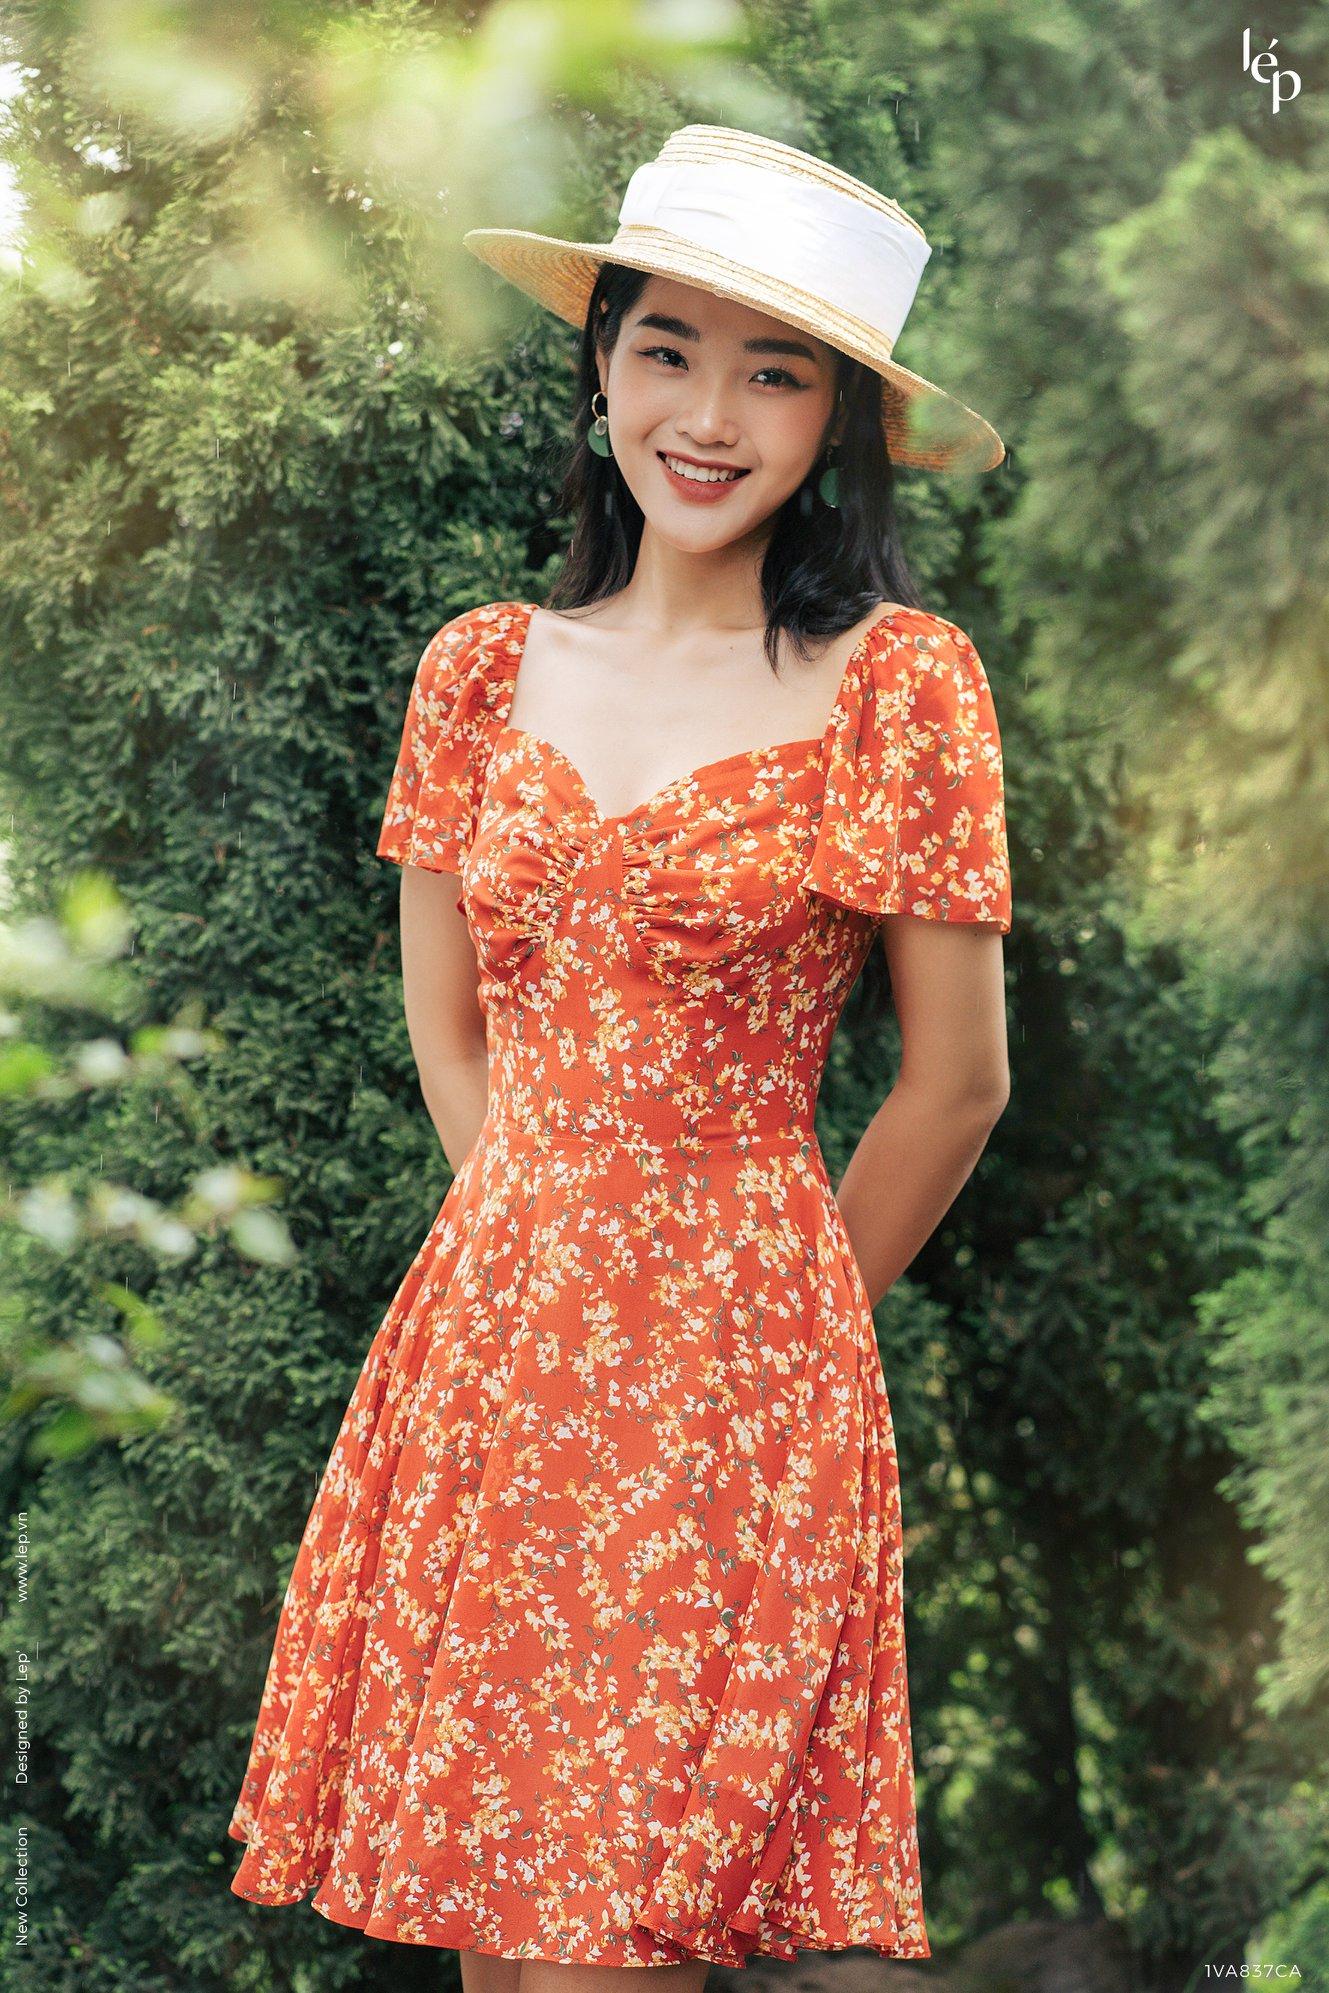 Khoe vai trần với đầm hoa trễ vai, Lan Ngọc đọ sắc cùng HH Thu Thảo: Hai nhan sắc đẹp đến mức ná thở - Ảnh 7.